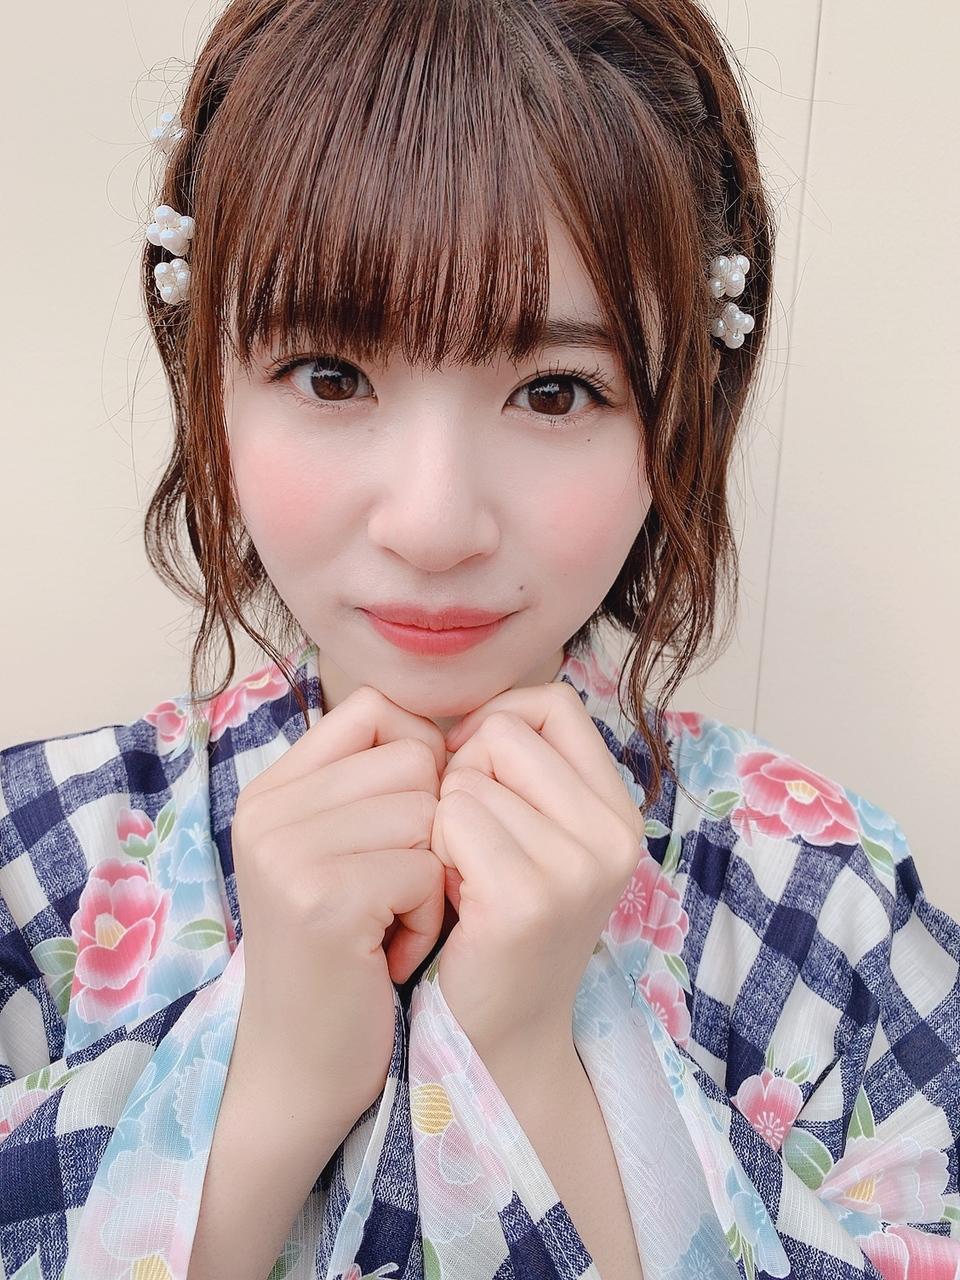 日向坂46メンバーブログまとめ2019年6月27日